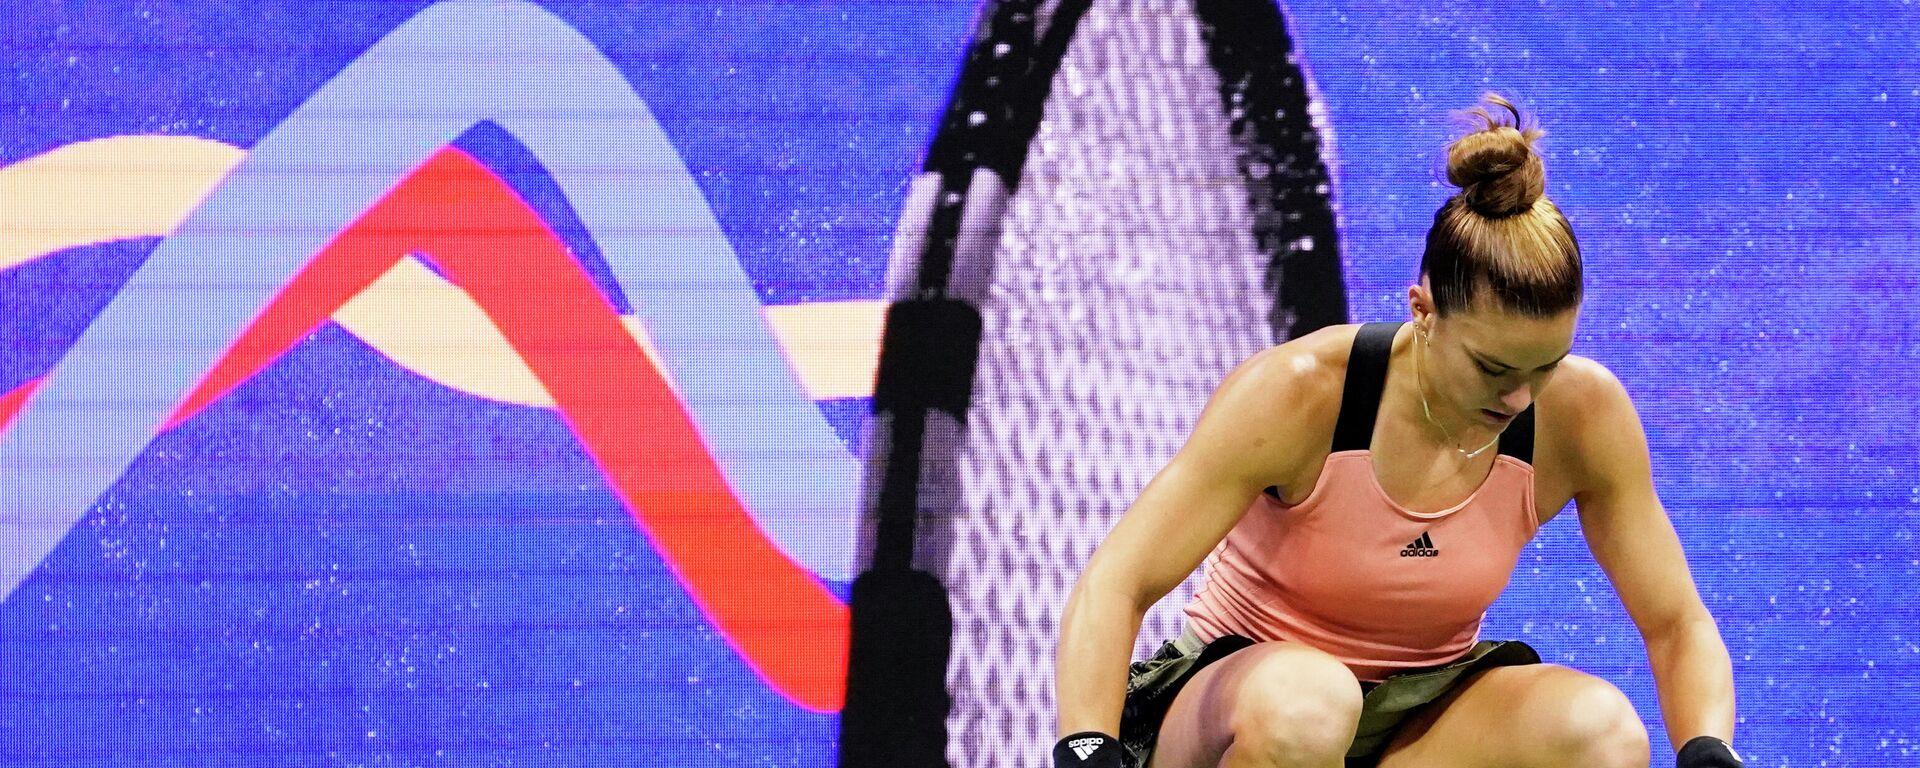 Η Μαρία Σάκκαρη στο US Open - Sputnik Ελλάδα, 1920, 07.09.2021